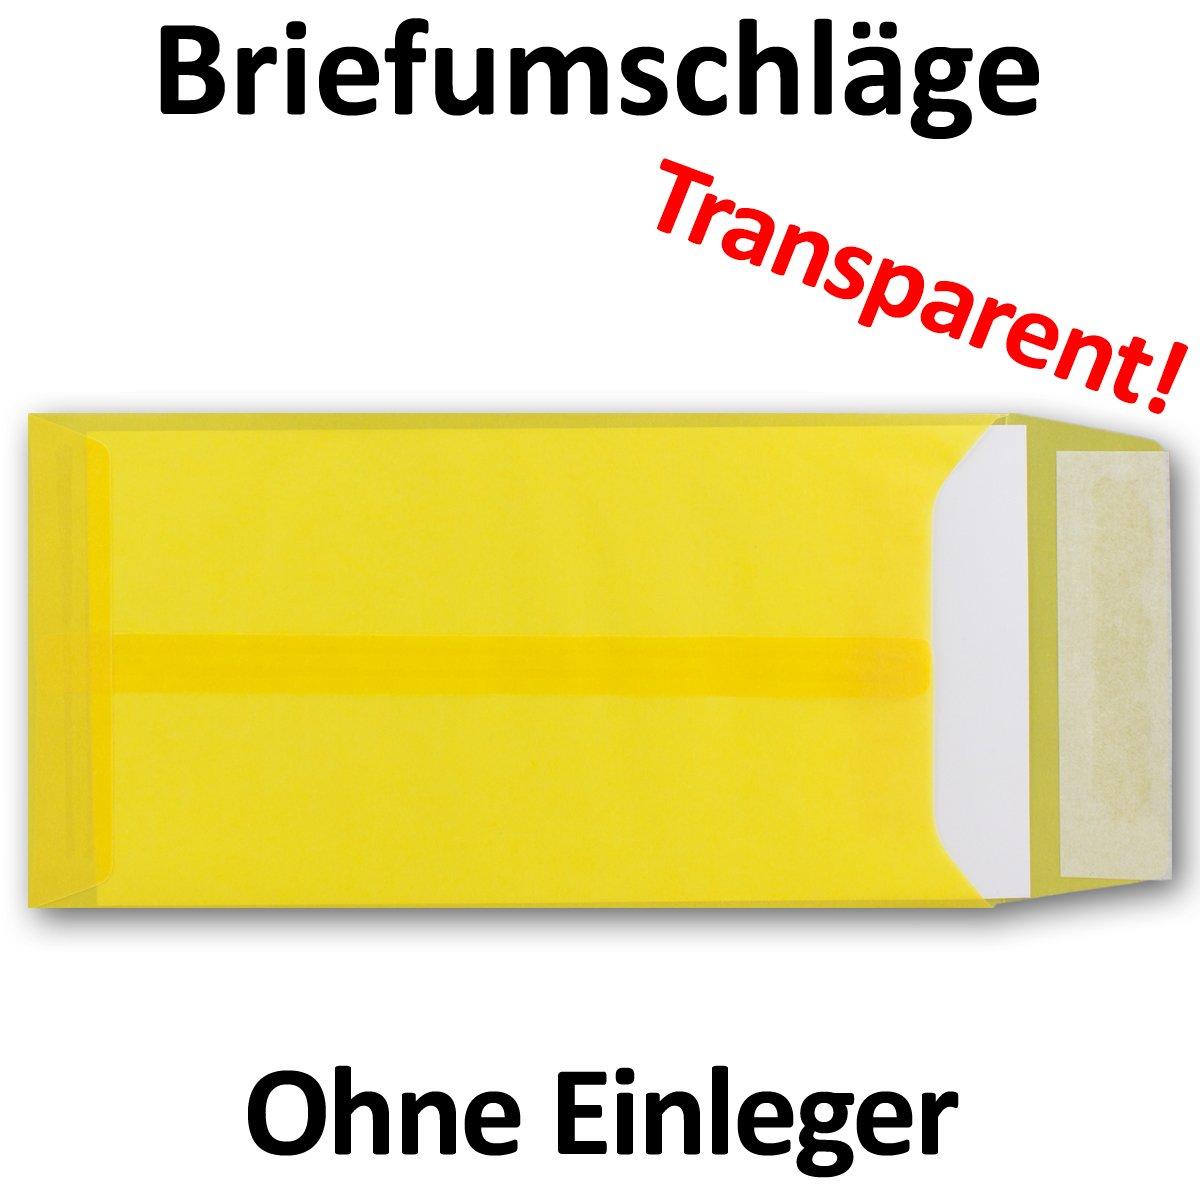 Transparente Umschläge DIN Lang   300 300 300 Stück   mintgrün-transparent mit seitlicher Verschlusslasche   Haftklebung   220 x 110 mm   Moderne Umschläge für Einladungen - durchsichtige KuGrüns B076CC7VMJ | Zürich Online Shop  f10283